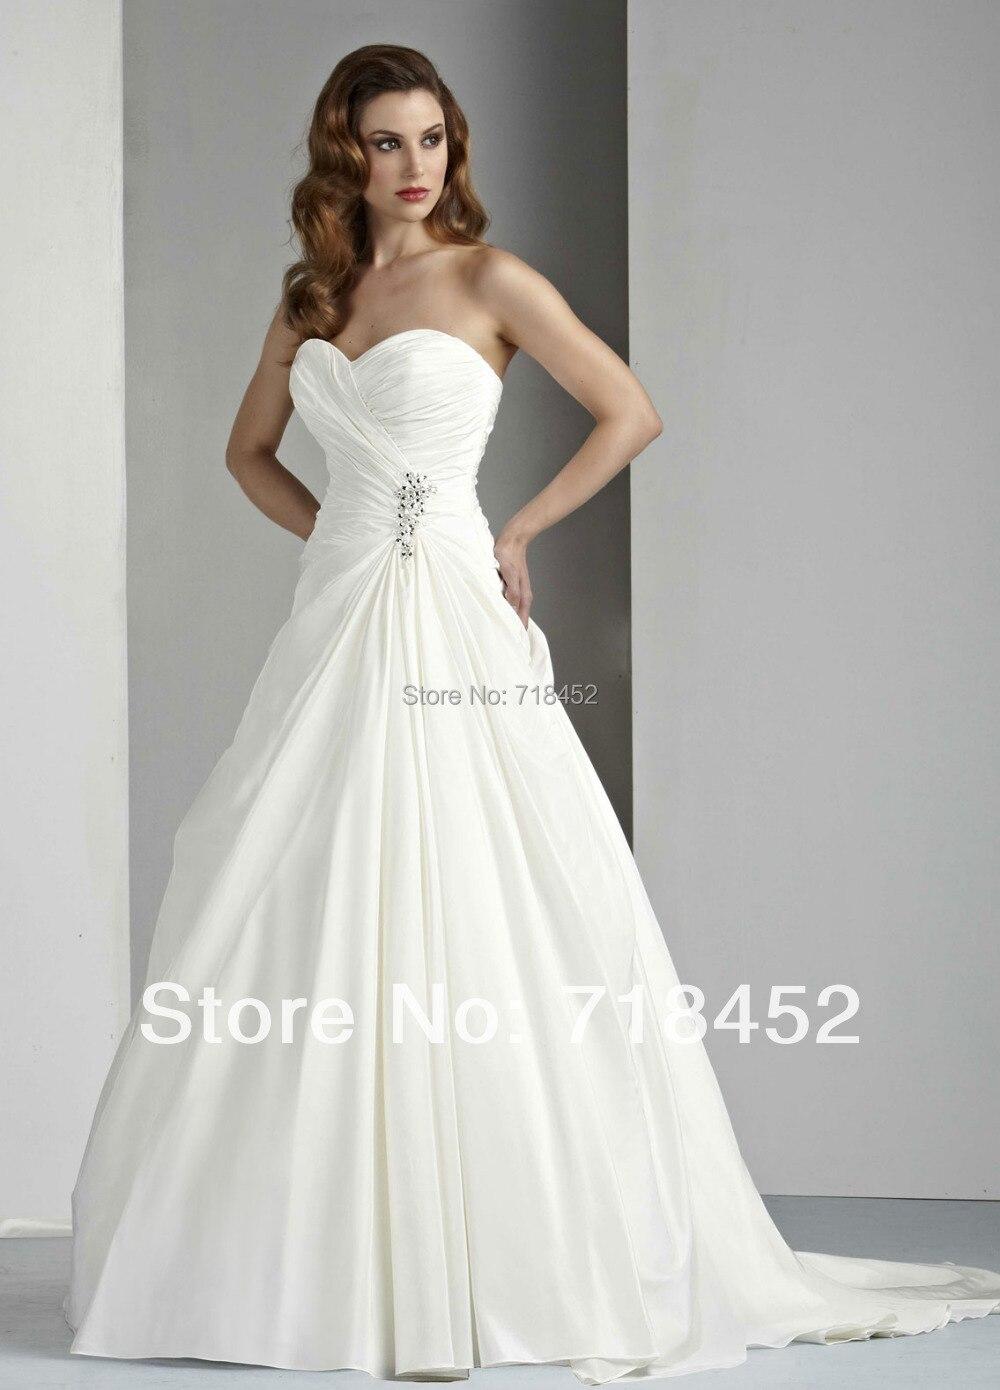 Online Get Cheap Mature Wedding Dresses -Aliexpress.com | Alibaba ...